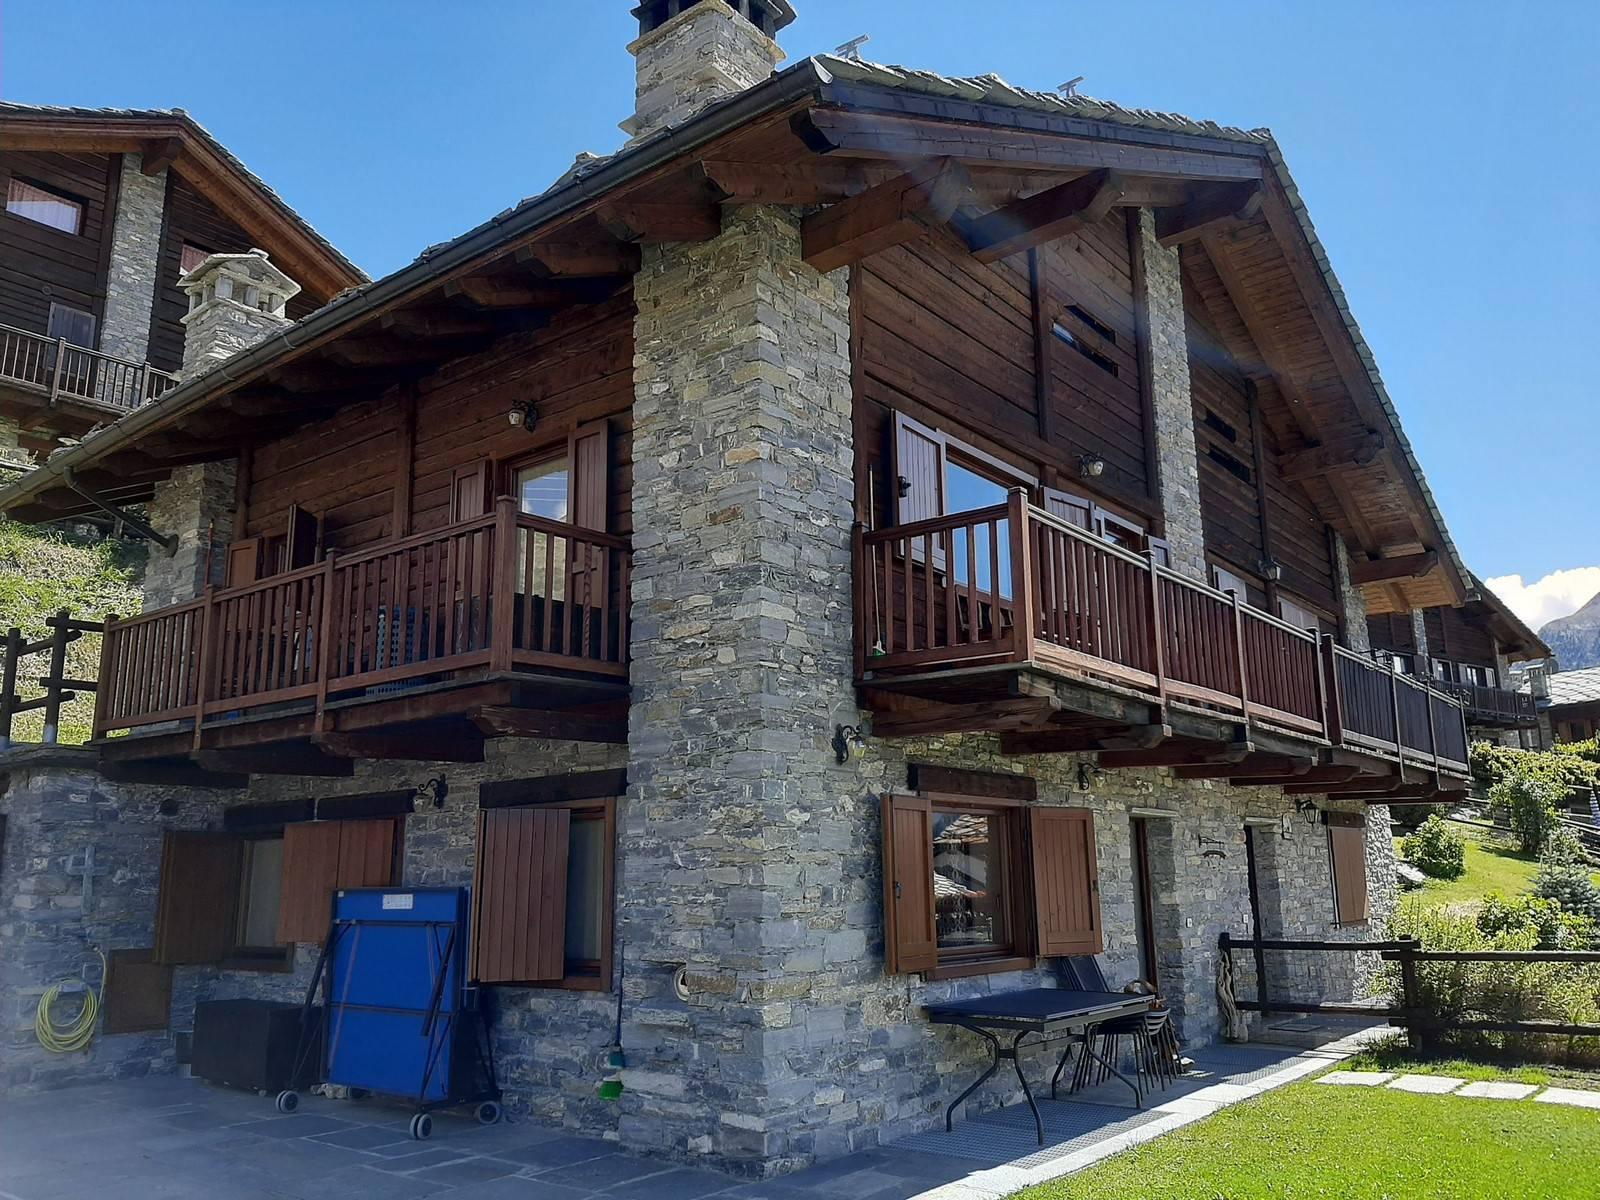 Villa Bifamiliare in vendita a Cogne, 5 locali, zona llan, prezzo € 750.000 | PortaleAgenzieImmobiliari.it